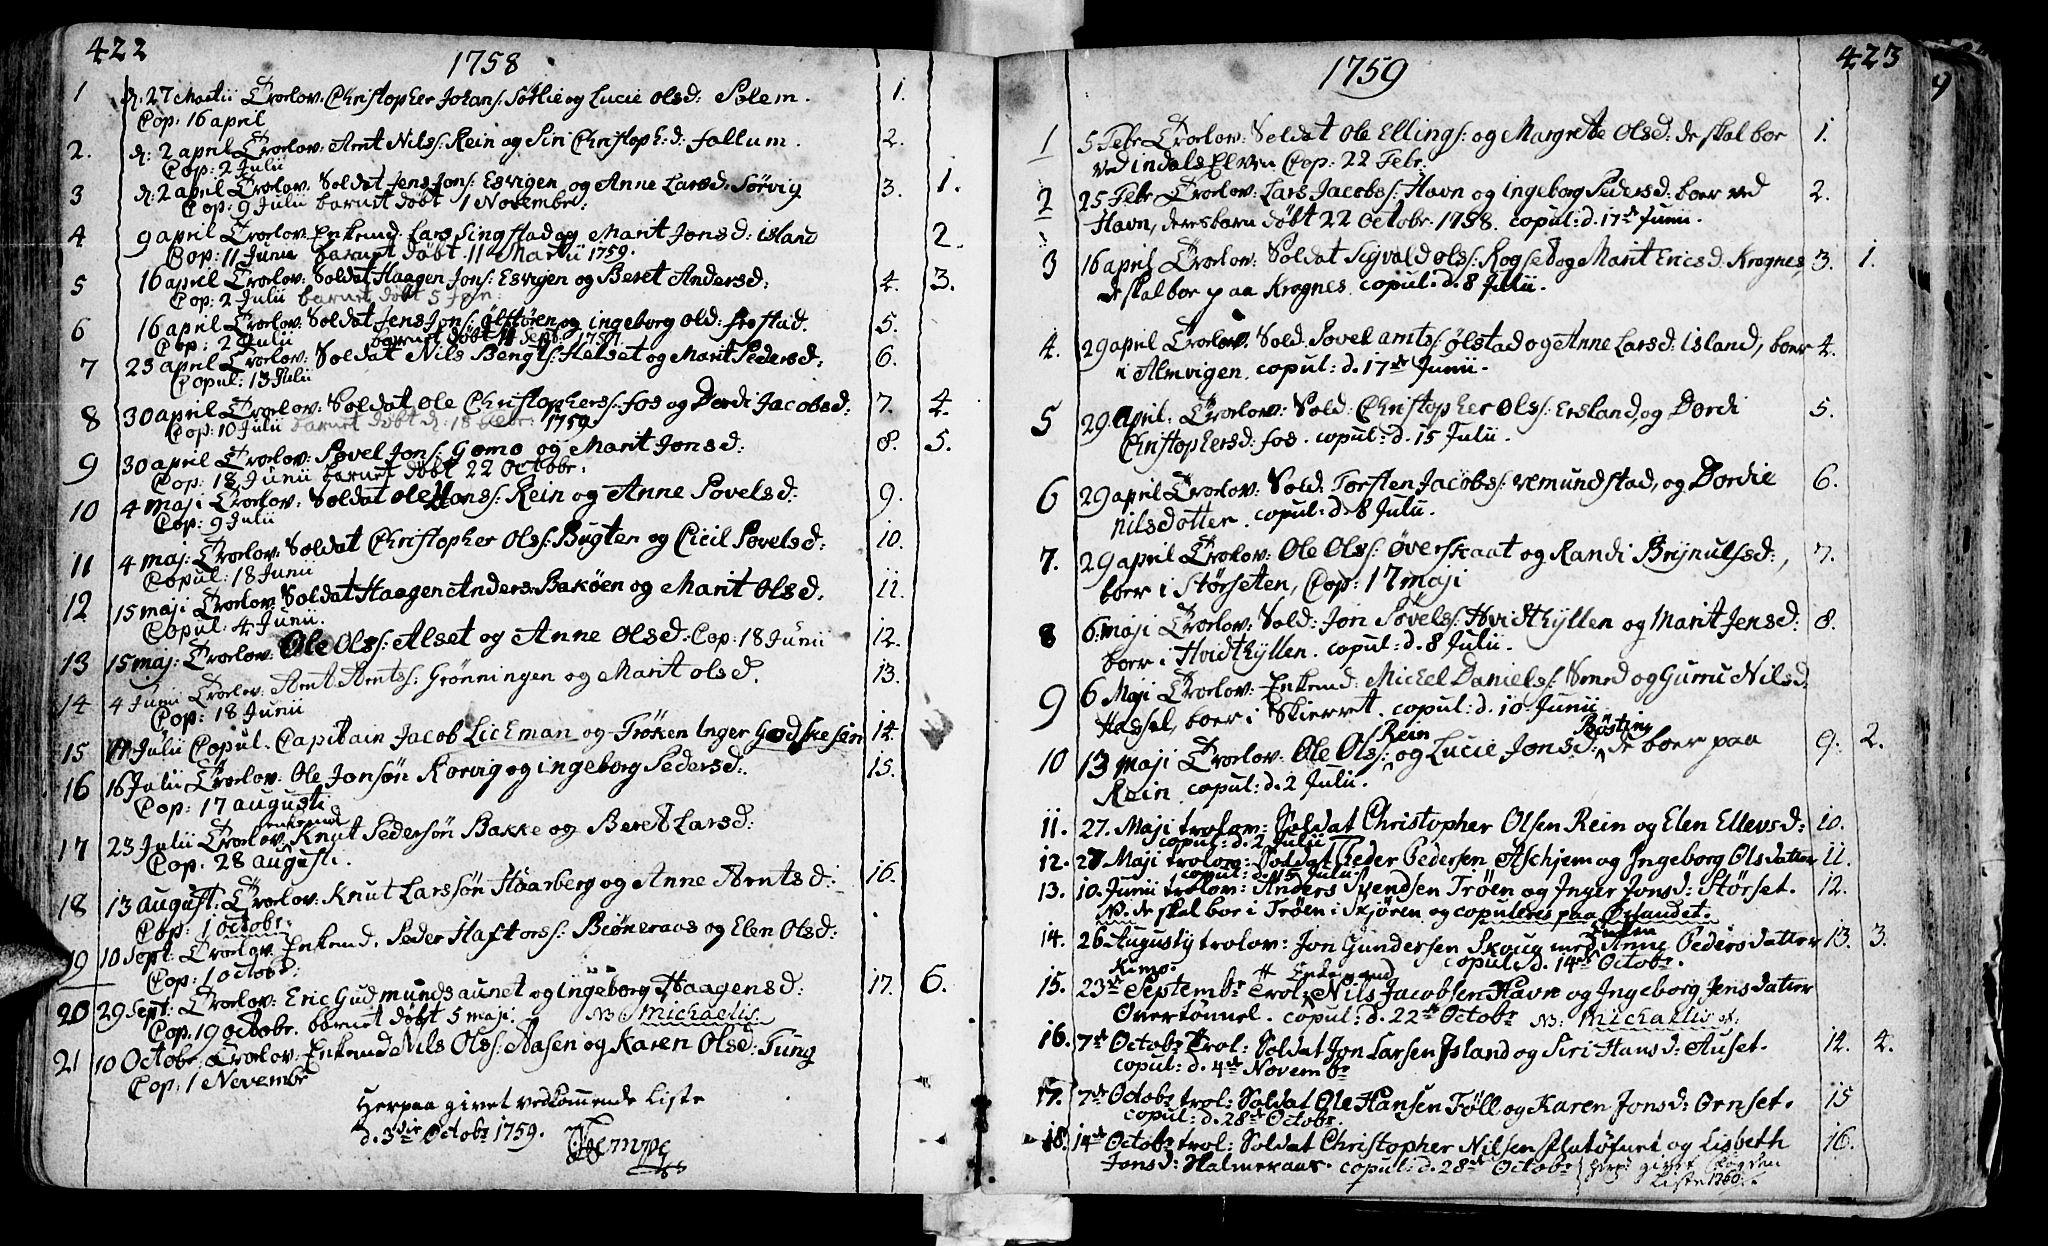 SAT, Ministerialprotokoller, klokkerbøker og fødselsregistre - Sør-Trøndelag, 646/L0605: Ministerialbok nr. 646A03, 1751-1790, s. 422-423